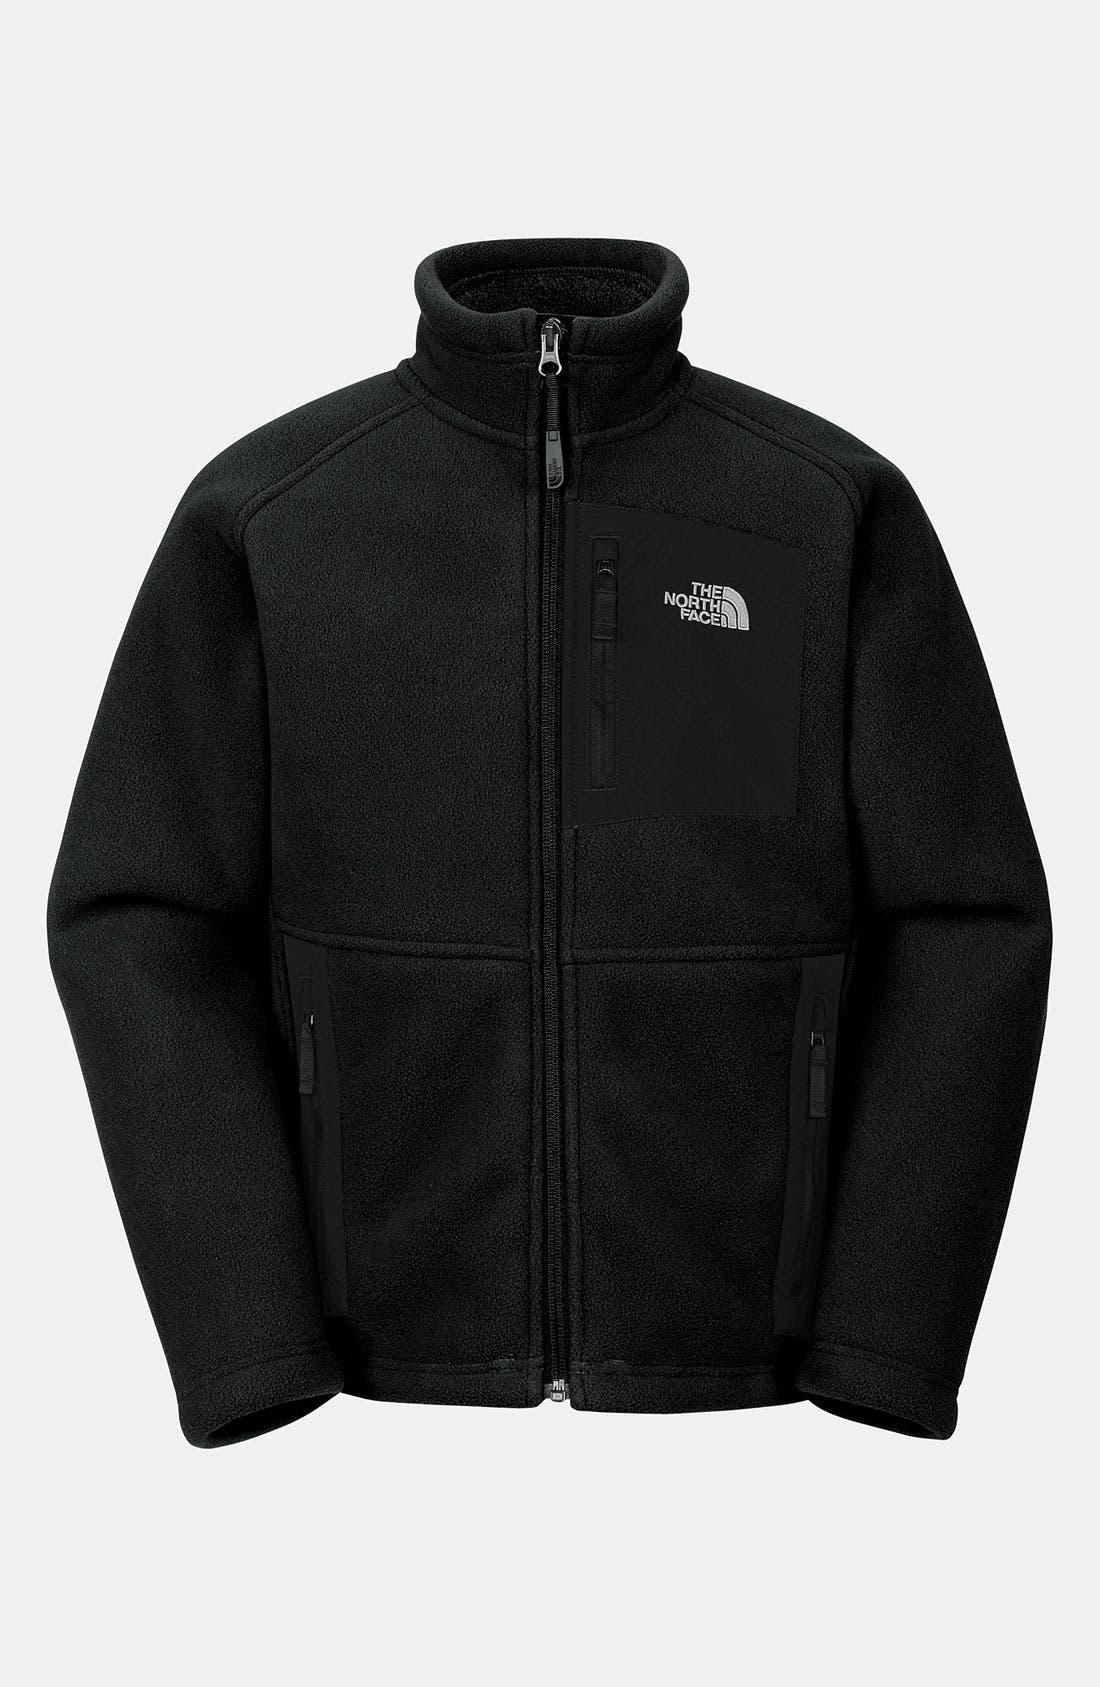 Main Image - The North Face 'Hetchy' Fleece Jacket (Big Boys)